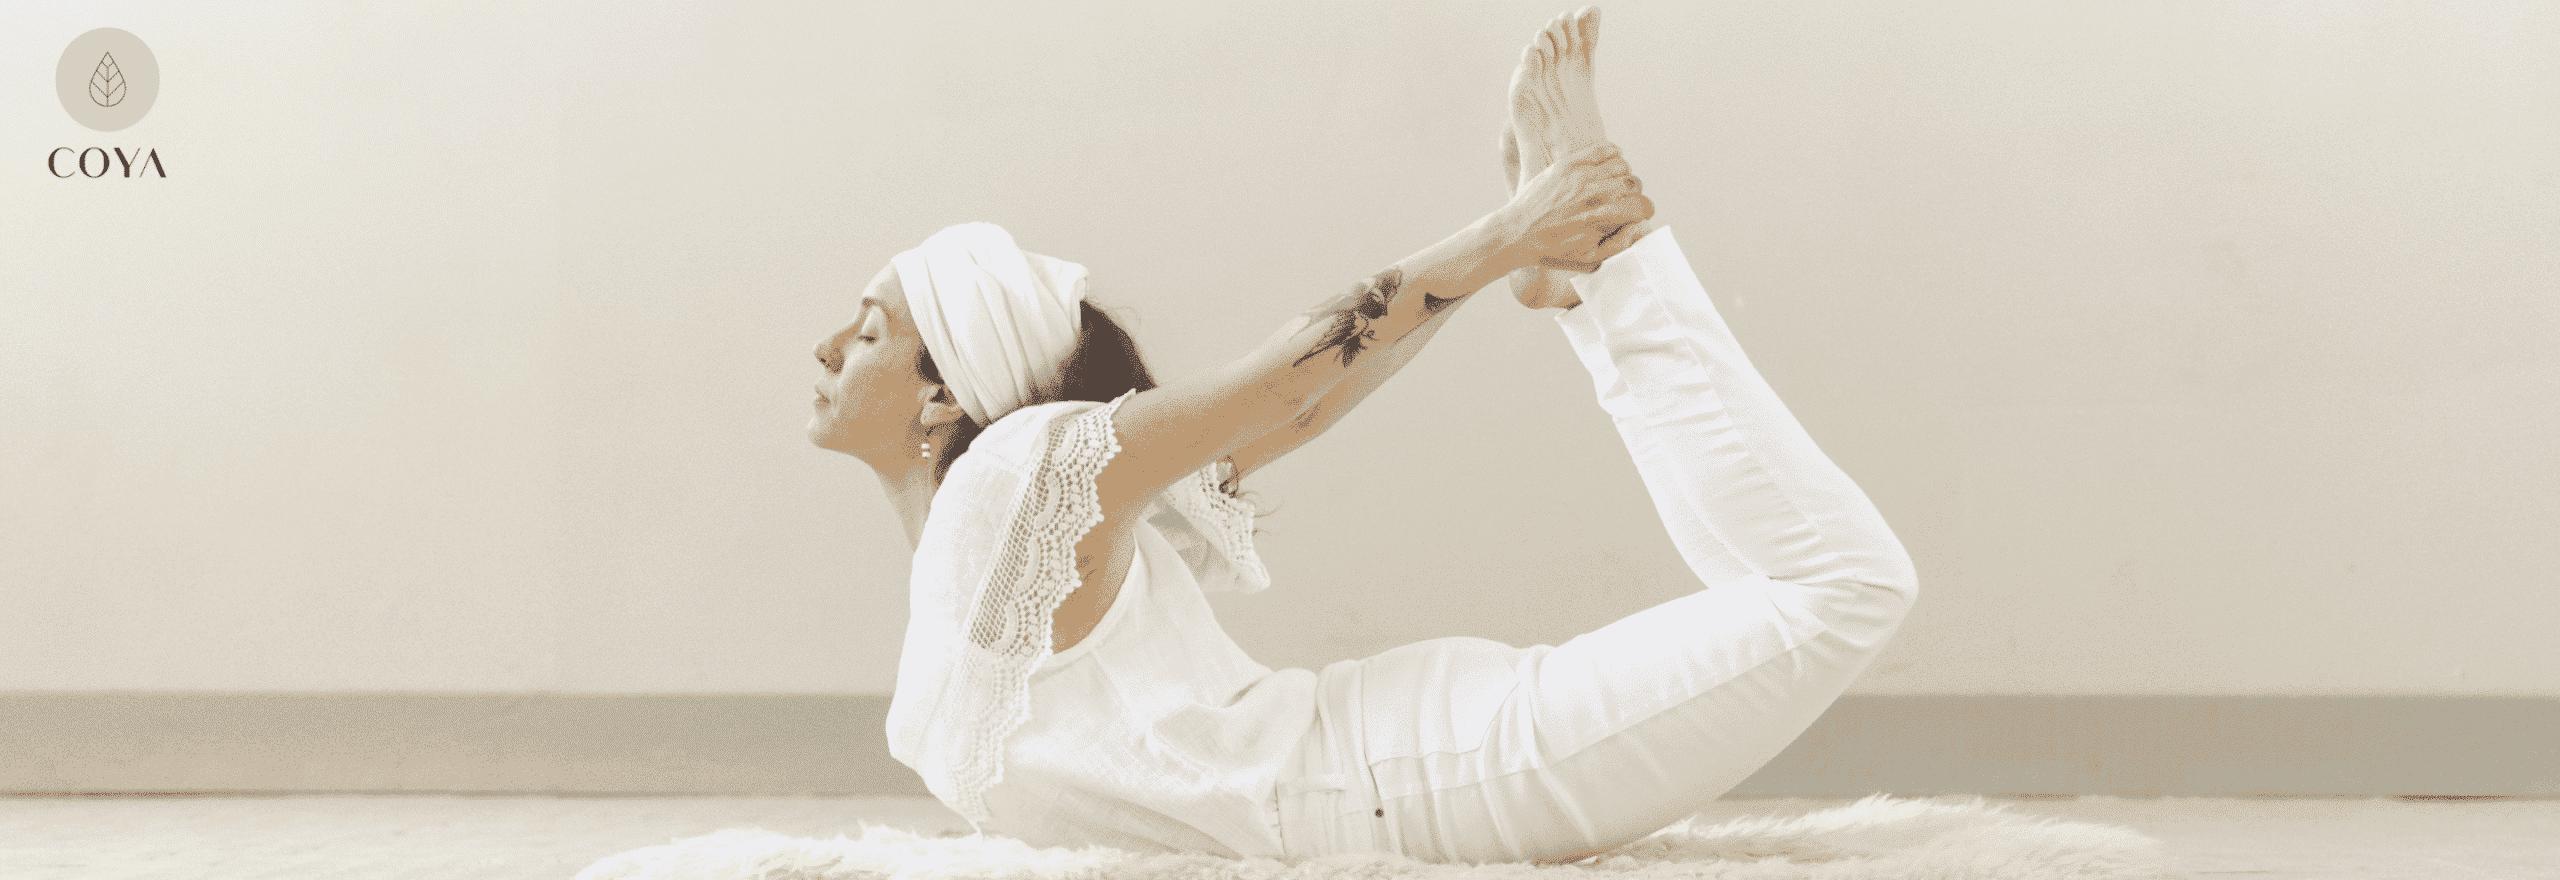 Μια γυναίκα που εκτελεί μια στάση kundalini yoga